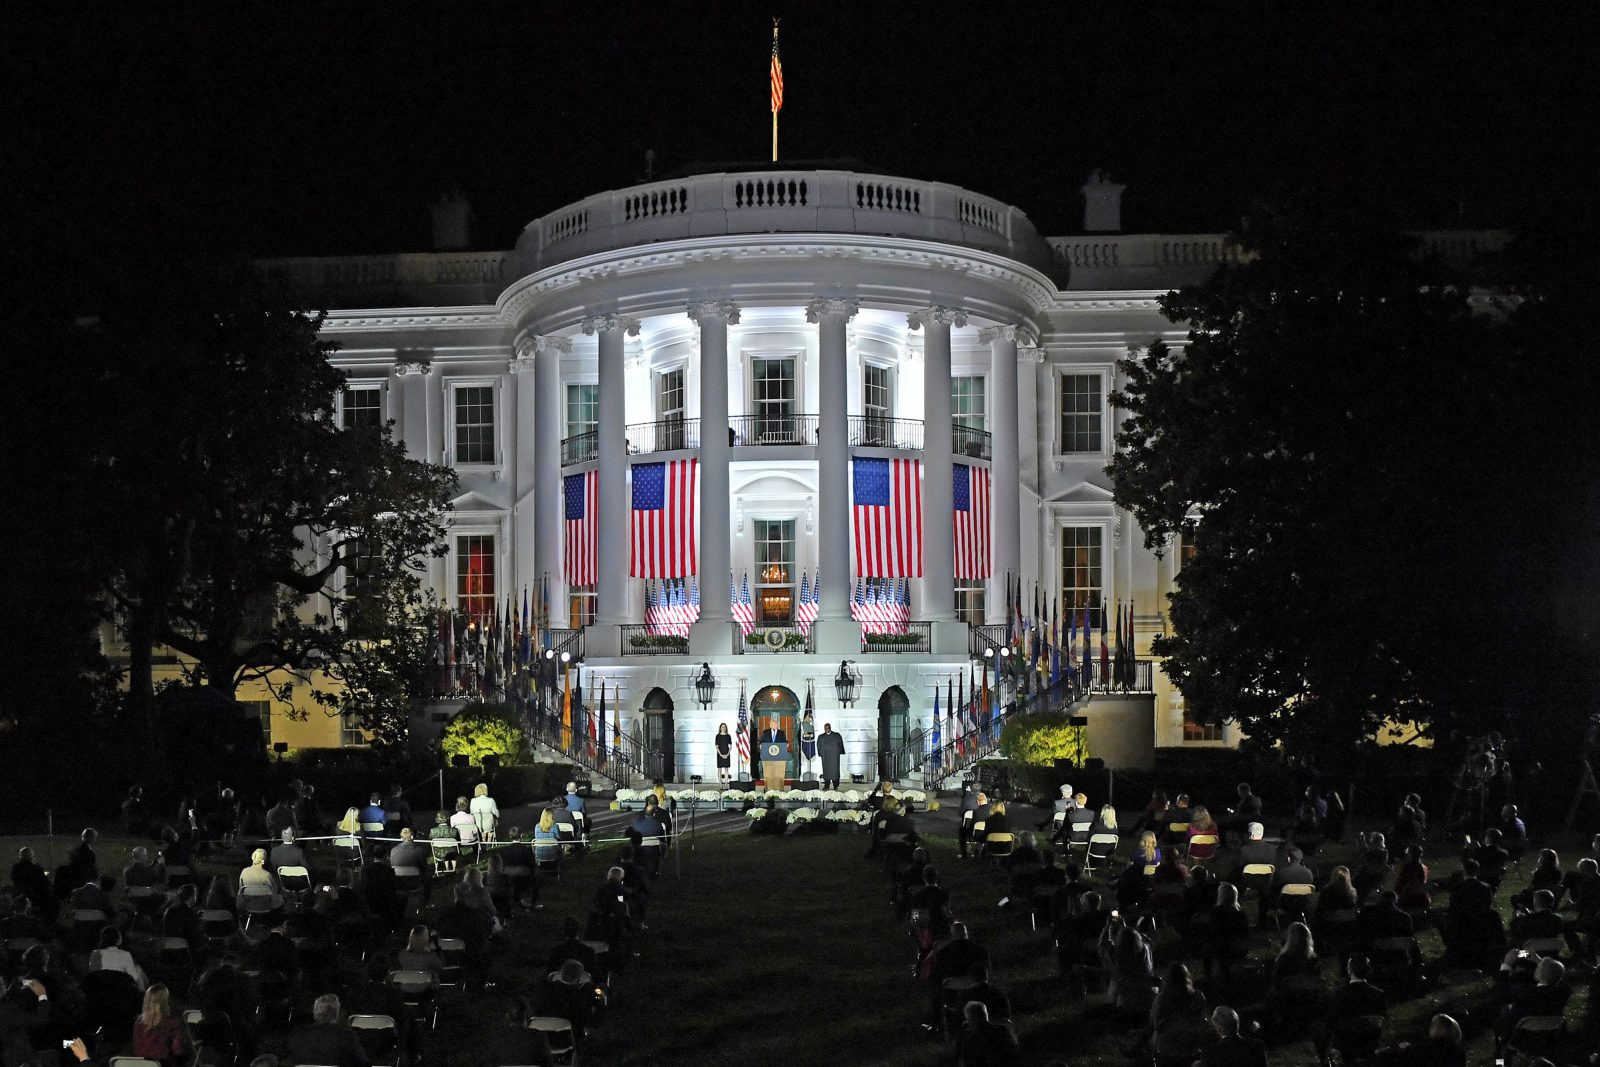 Wer wird künftig vom Weißen Haus aus die USA regieren? Foto: picture alliance / newscom